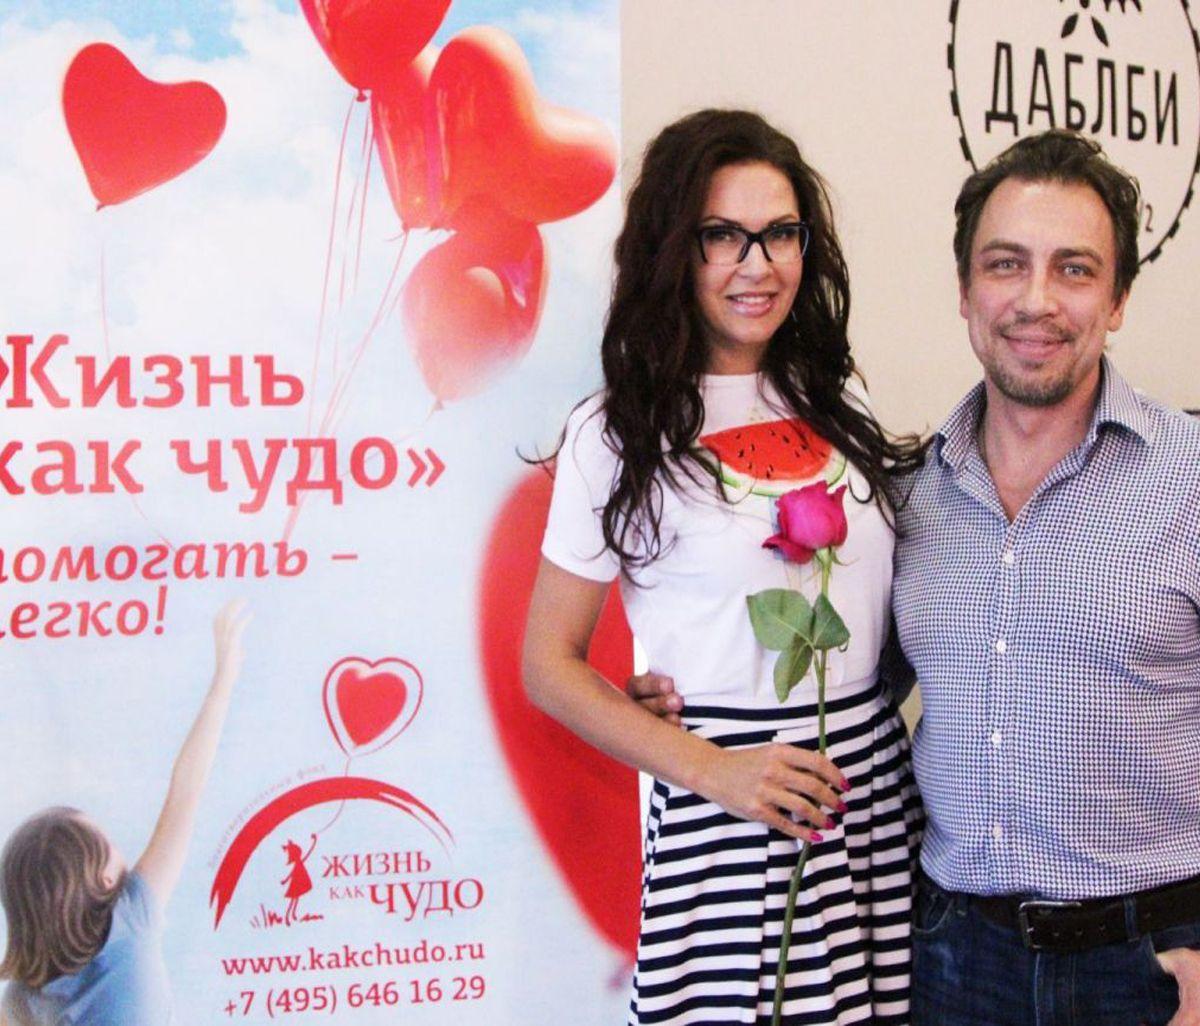 Российские артисты провели благотворительную акцию в поддержку маленьких детей